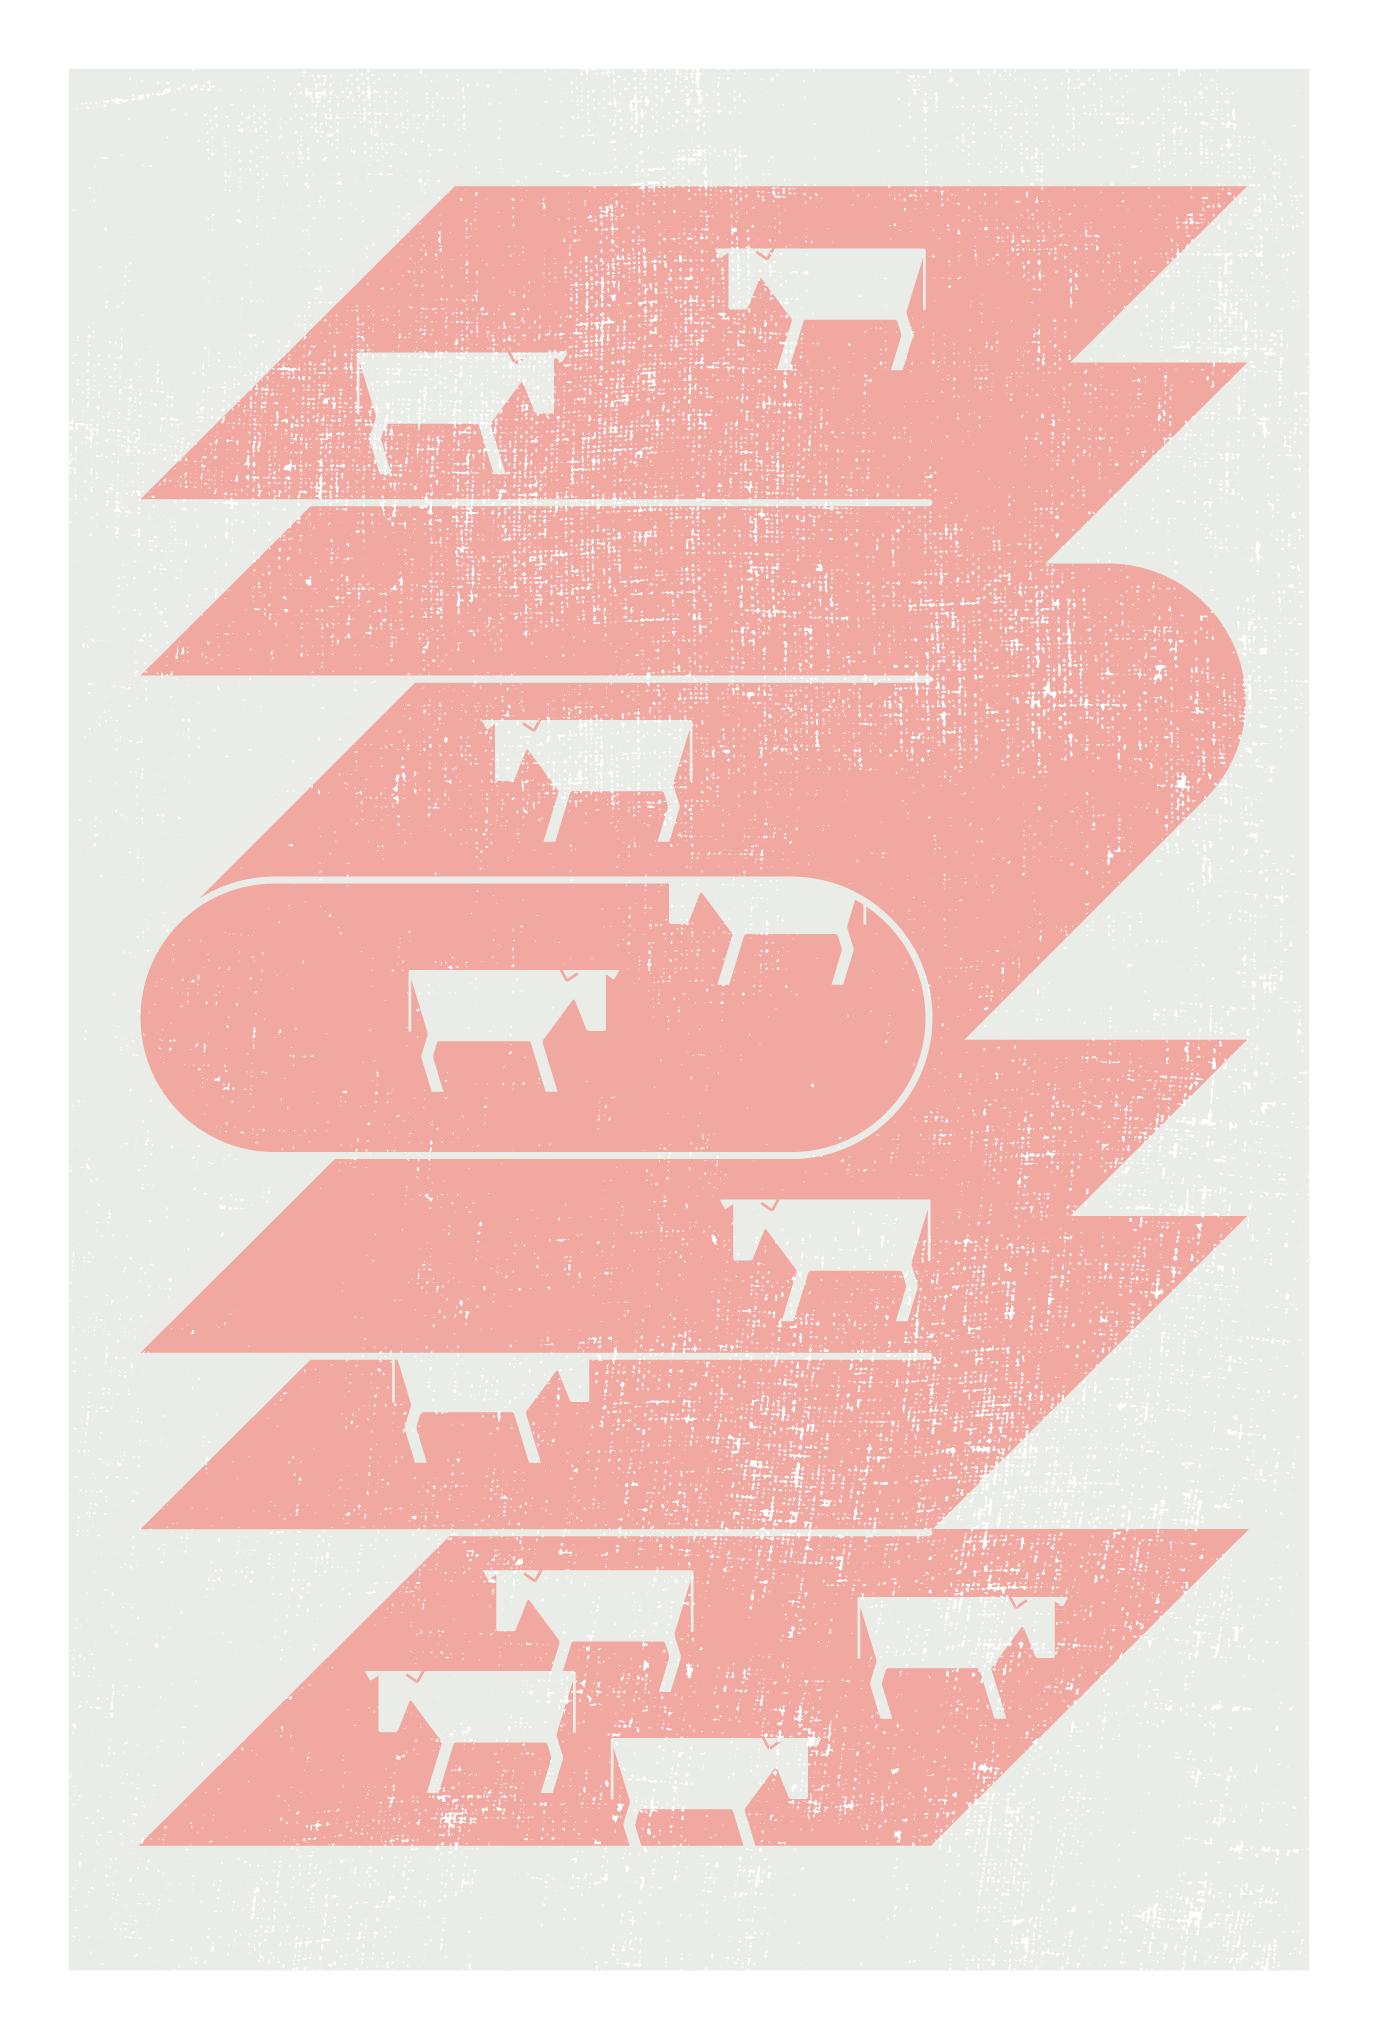 2021年賀状20-1:二〇二一と牛(紅梅色)のダウンロード画像